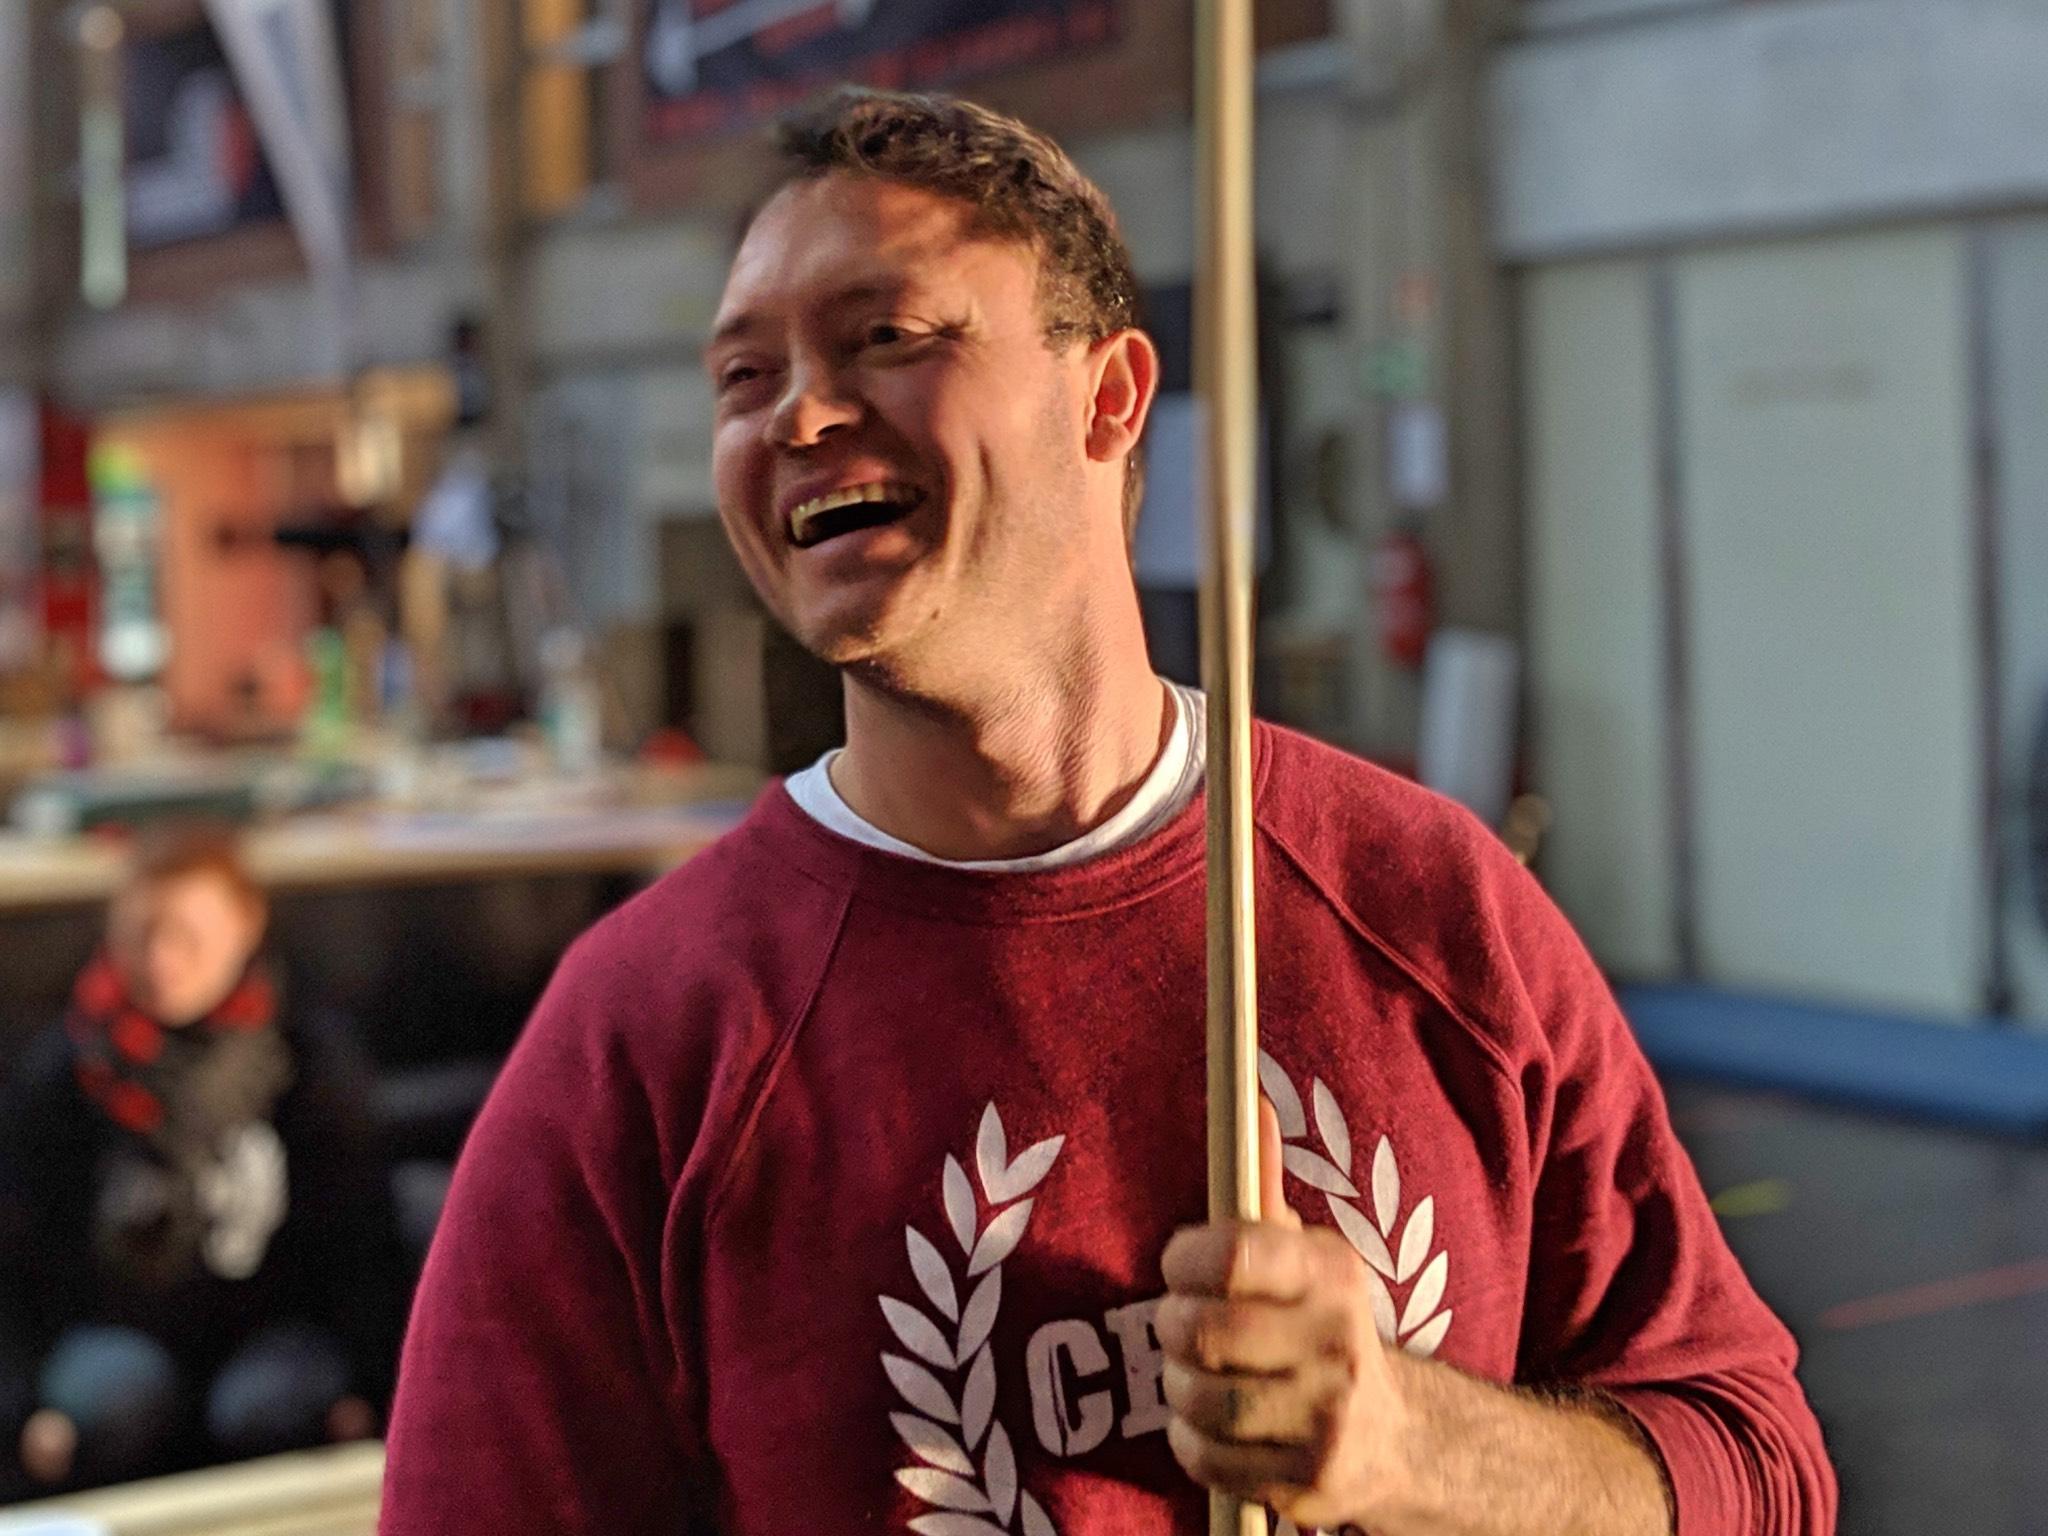 Piet liegt das langfristige Wohl seiner Mitglieder am Herzen. Foto: Christian P.